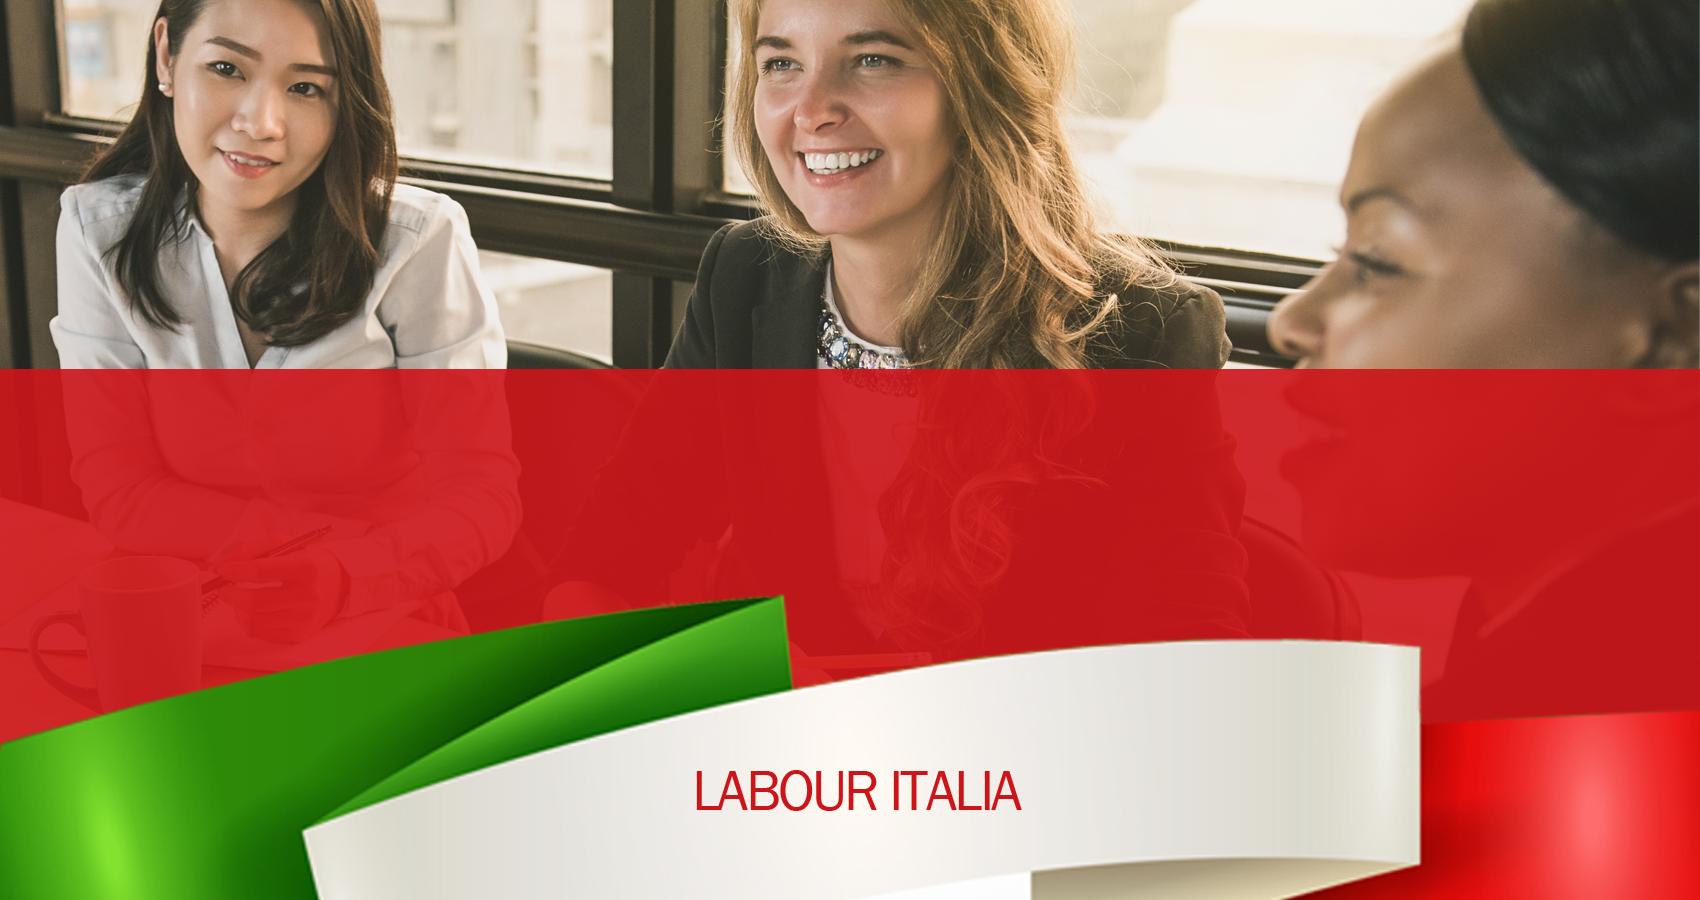 labour italia | integrazione | società